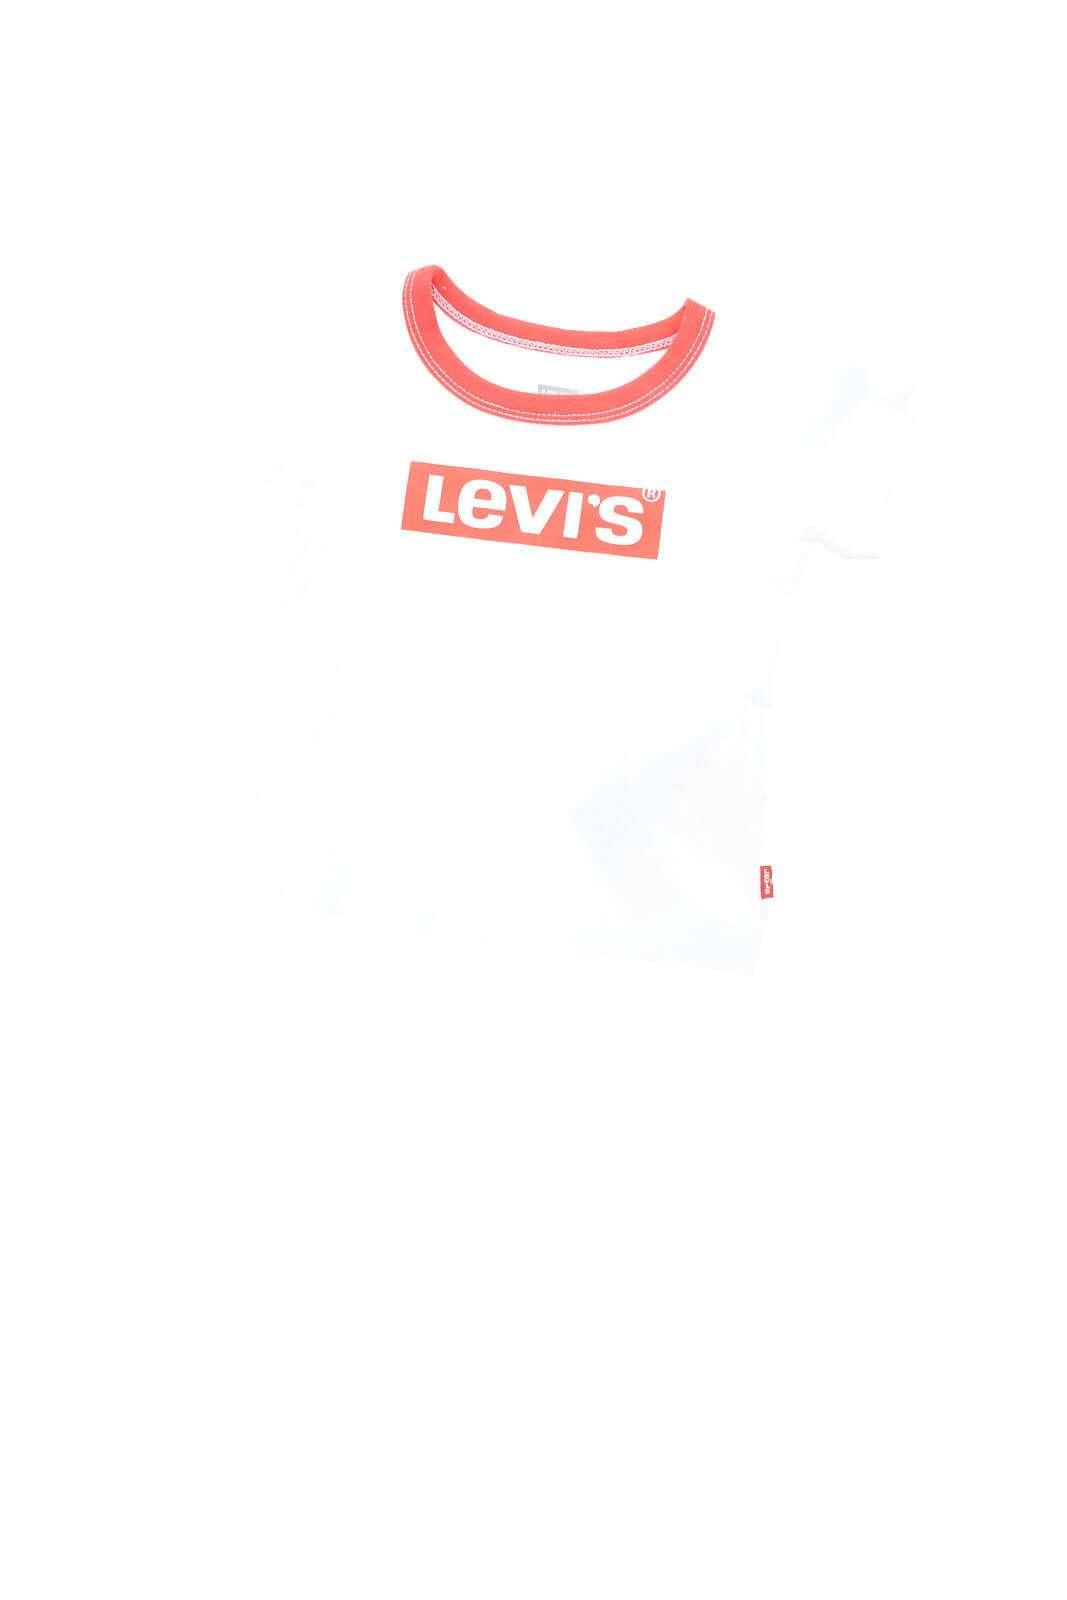 Una T shirt bimbo perfetta per tutte le occasioni quella firmata Levi's Kids.  Da indossare con un bermuda o con un pantalone della tuta, è un'ottima soluzione per gli stili più fashion.  E' un must have.